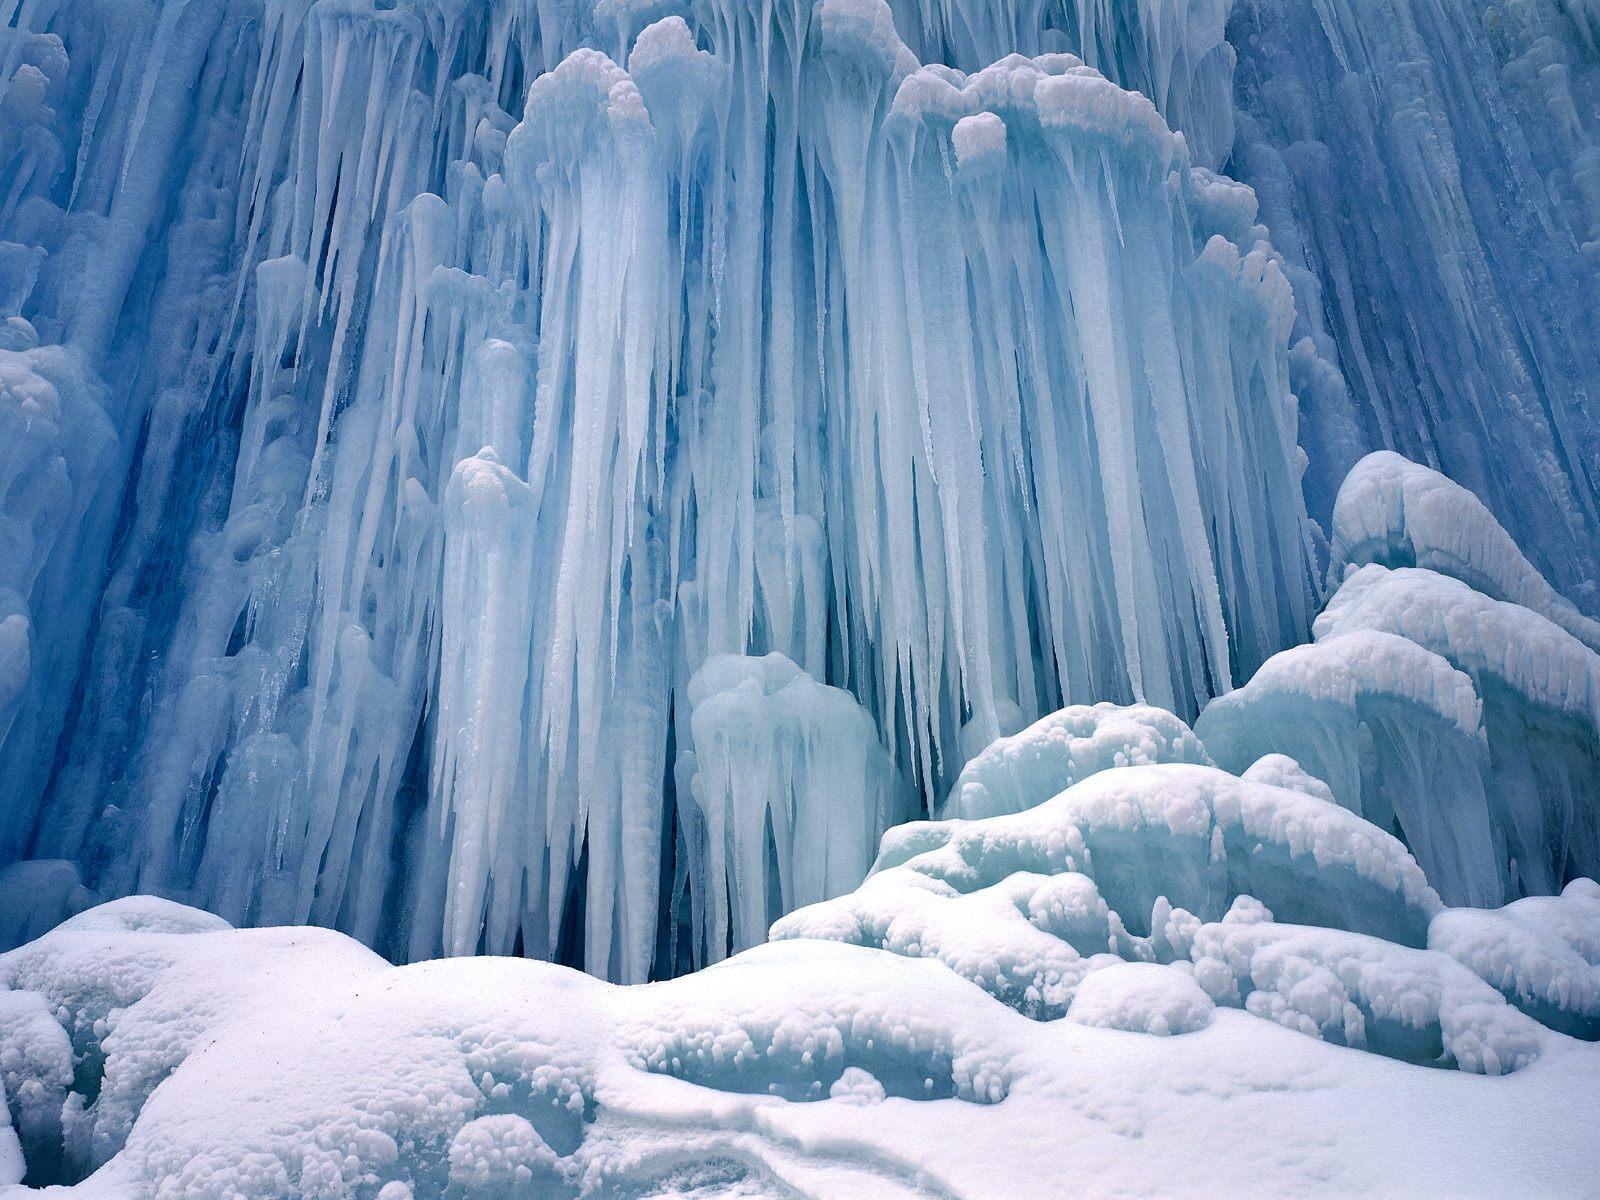 http://2.bp.blogspot.com/-XjqrS5Mr11U/TtyJQRd2EXI/AAAAAAAAA8Q/CGzQFX5xRZI/s1600/waterfall-hd-19-705472.jpg